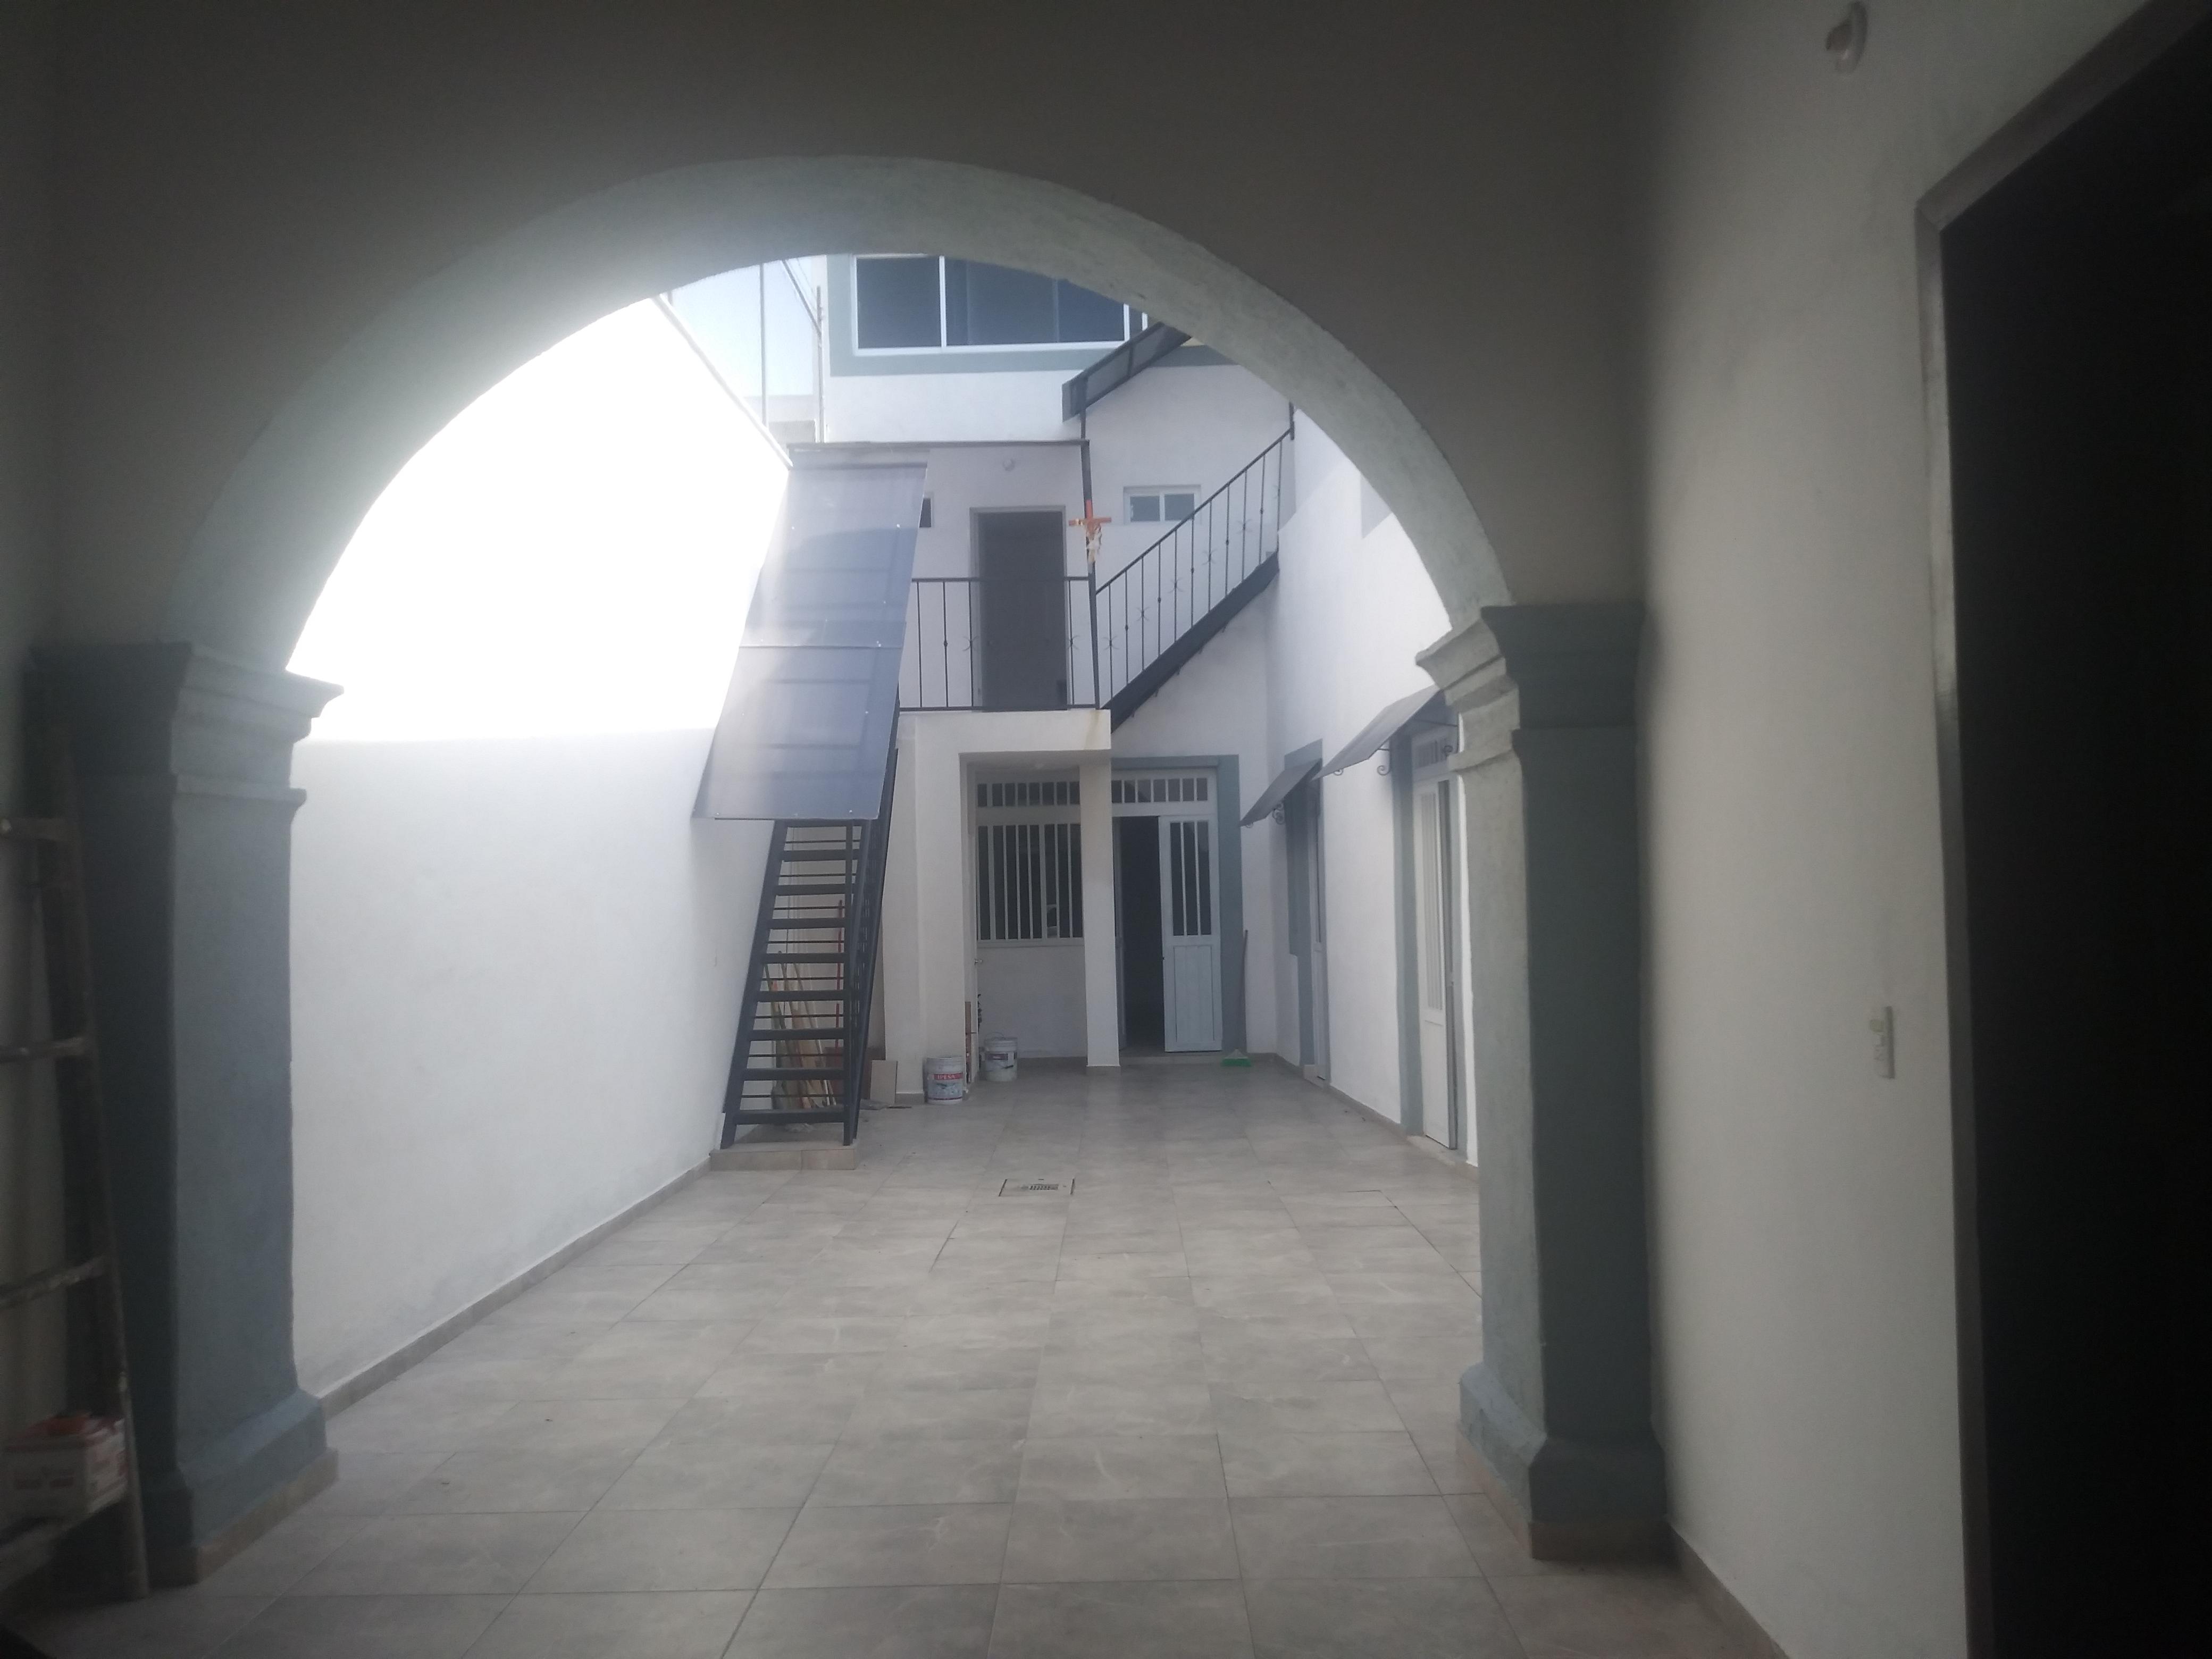 Casa remodelada en el Centro Histórico de Querétaro, ideal para rentar 22 habitaciones